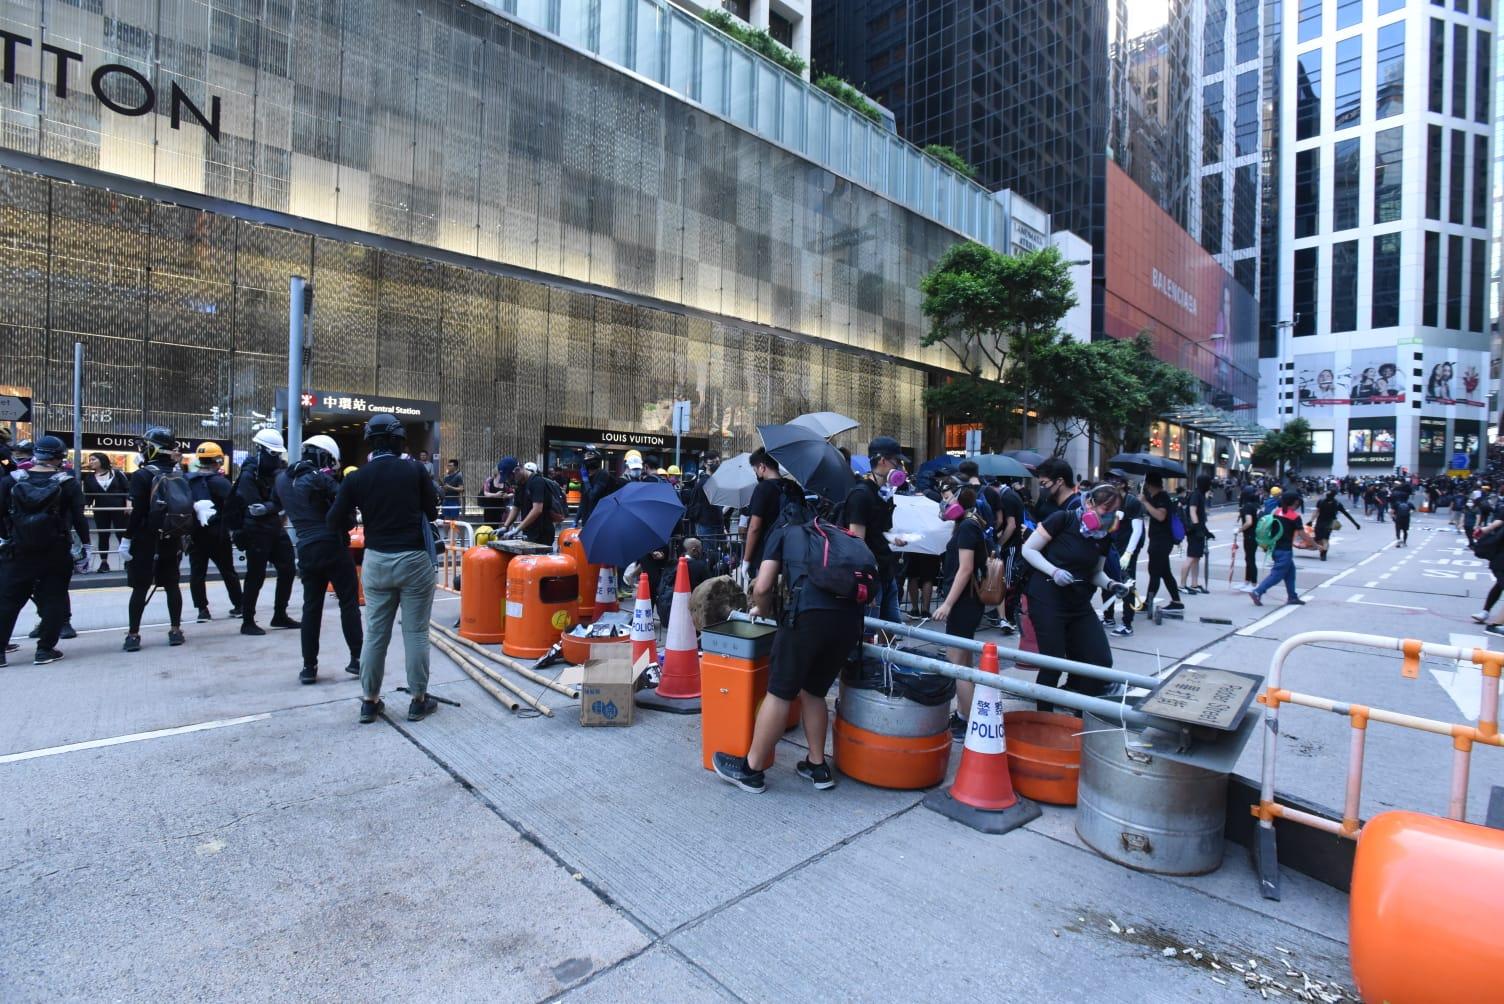 示威者拖雜物、垃圾桶等堵路。黃文威攝